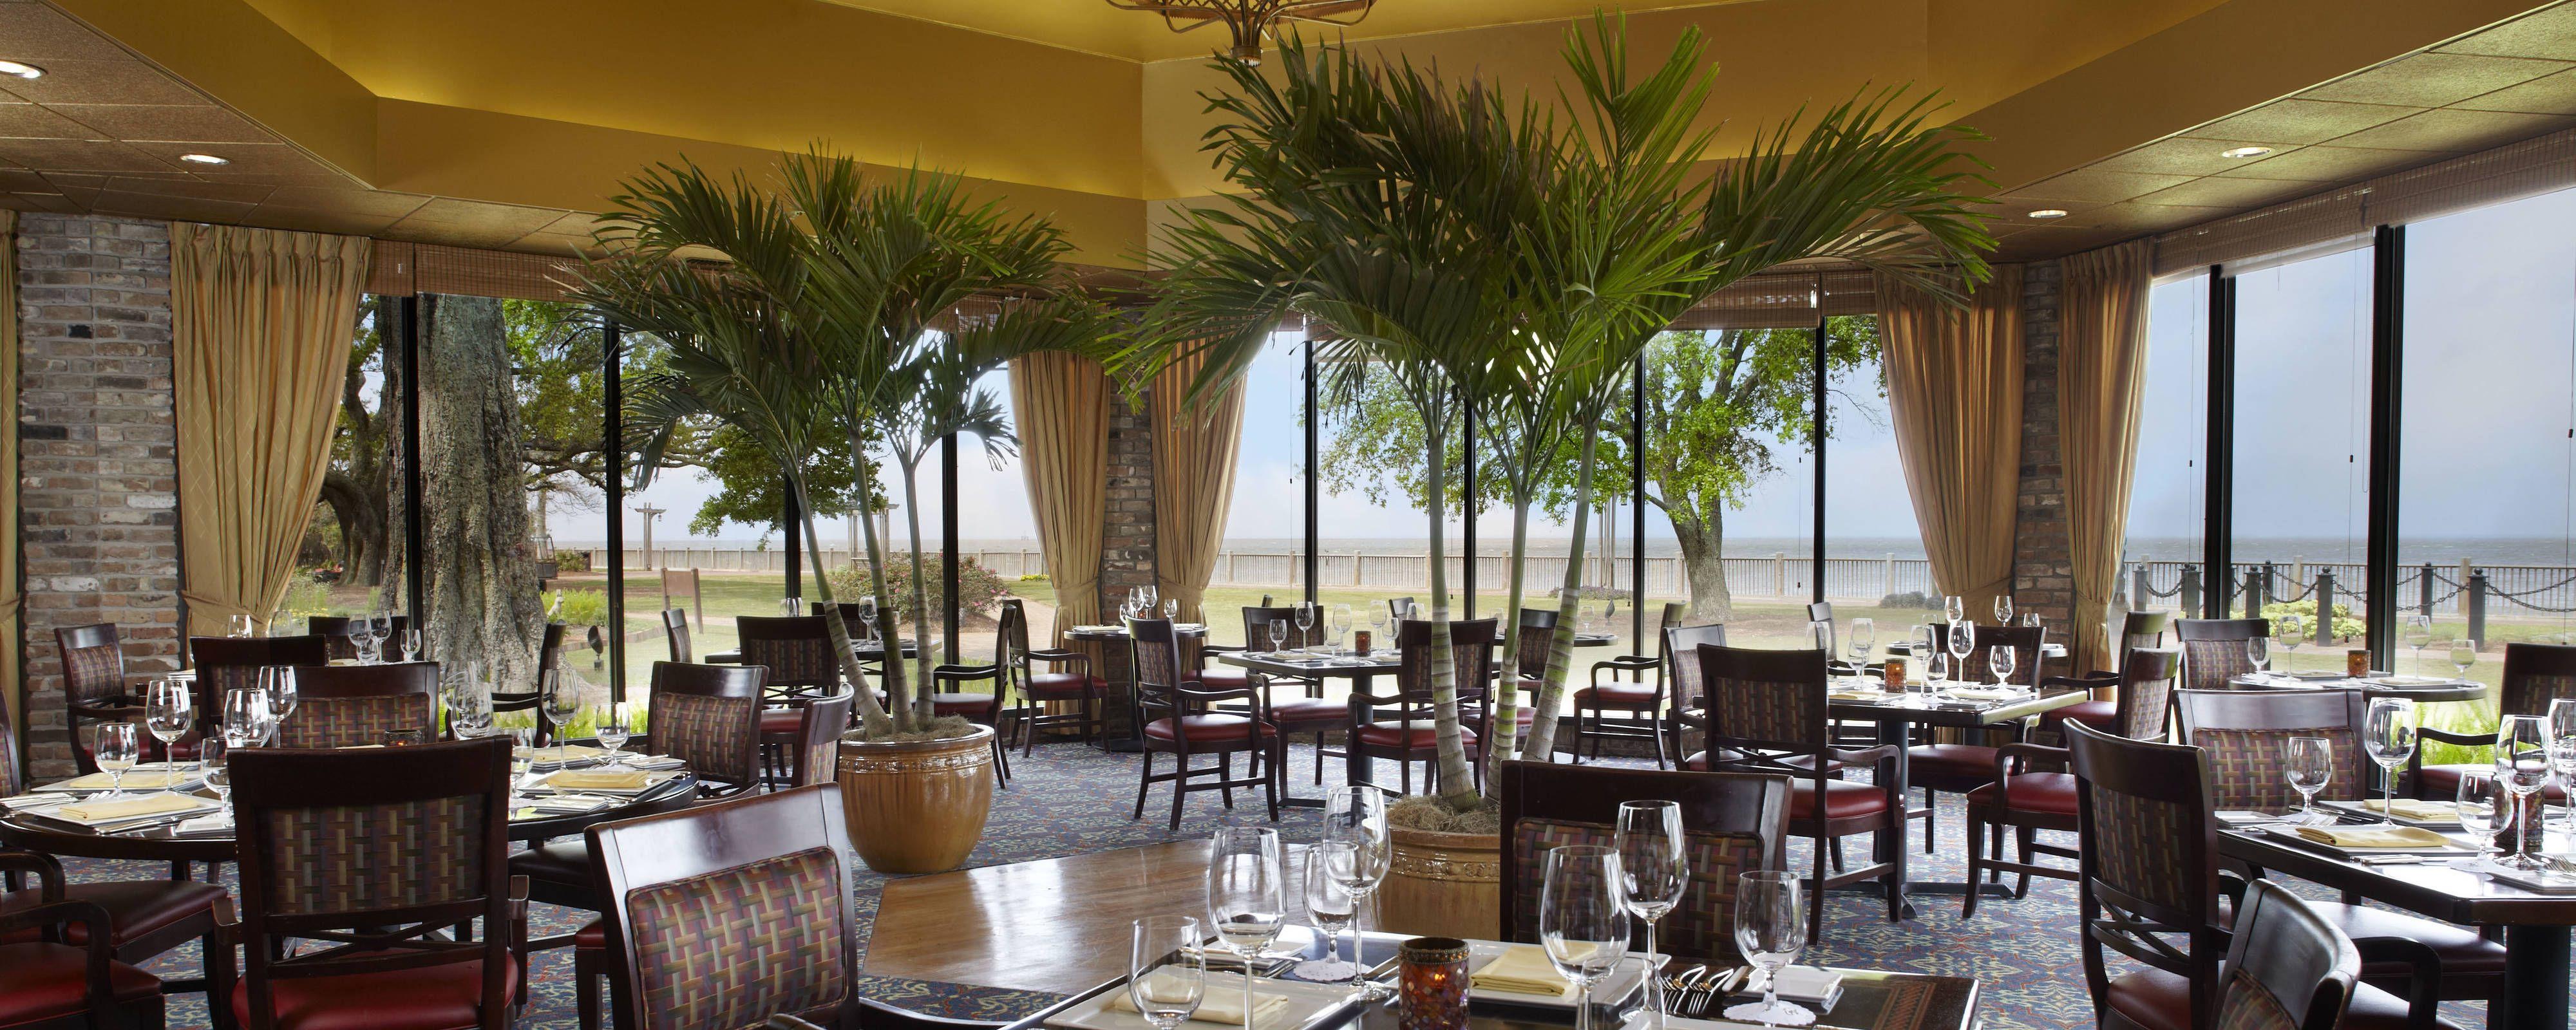 el dining outdoor canyon grand restaurants room restaurant village tovar